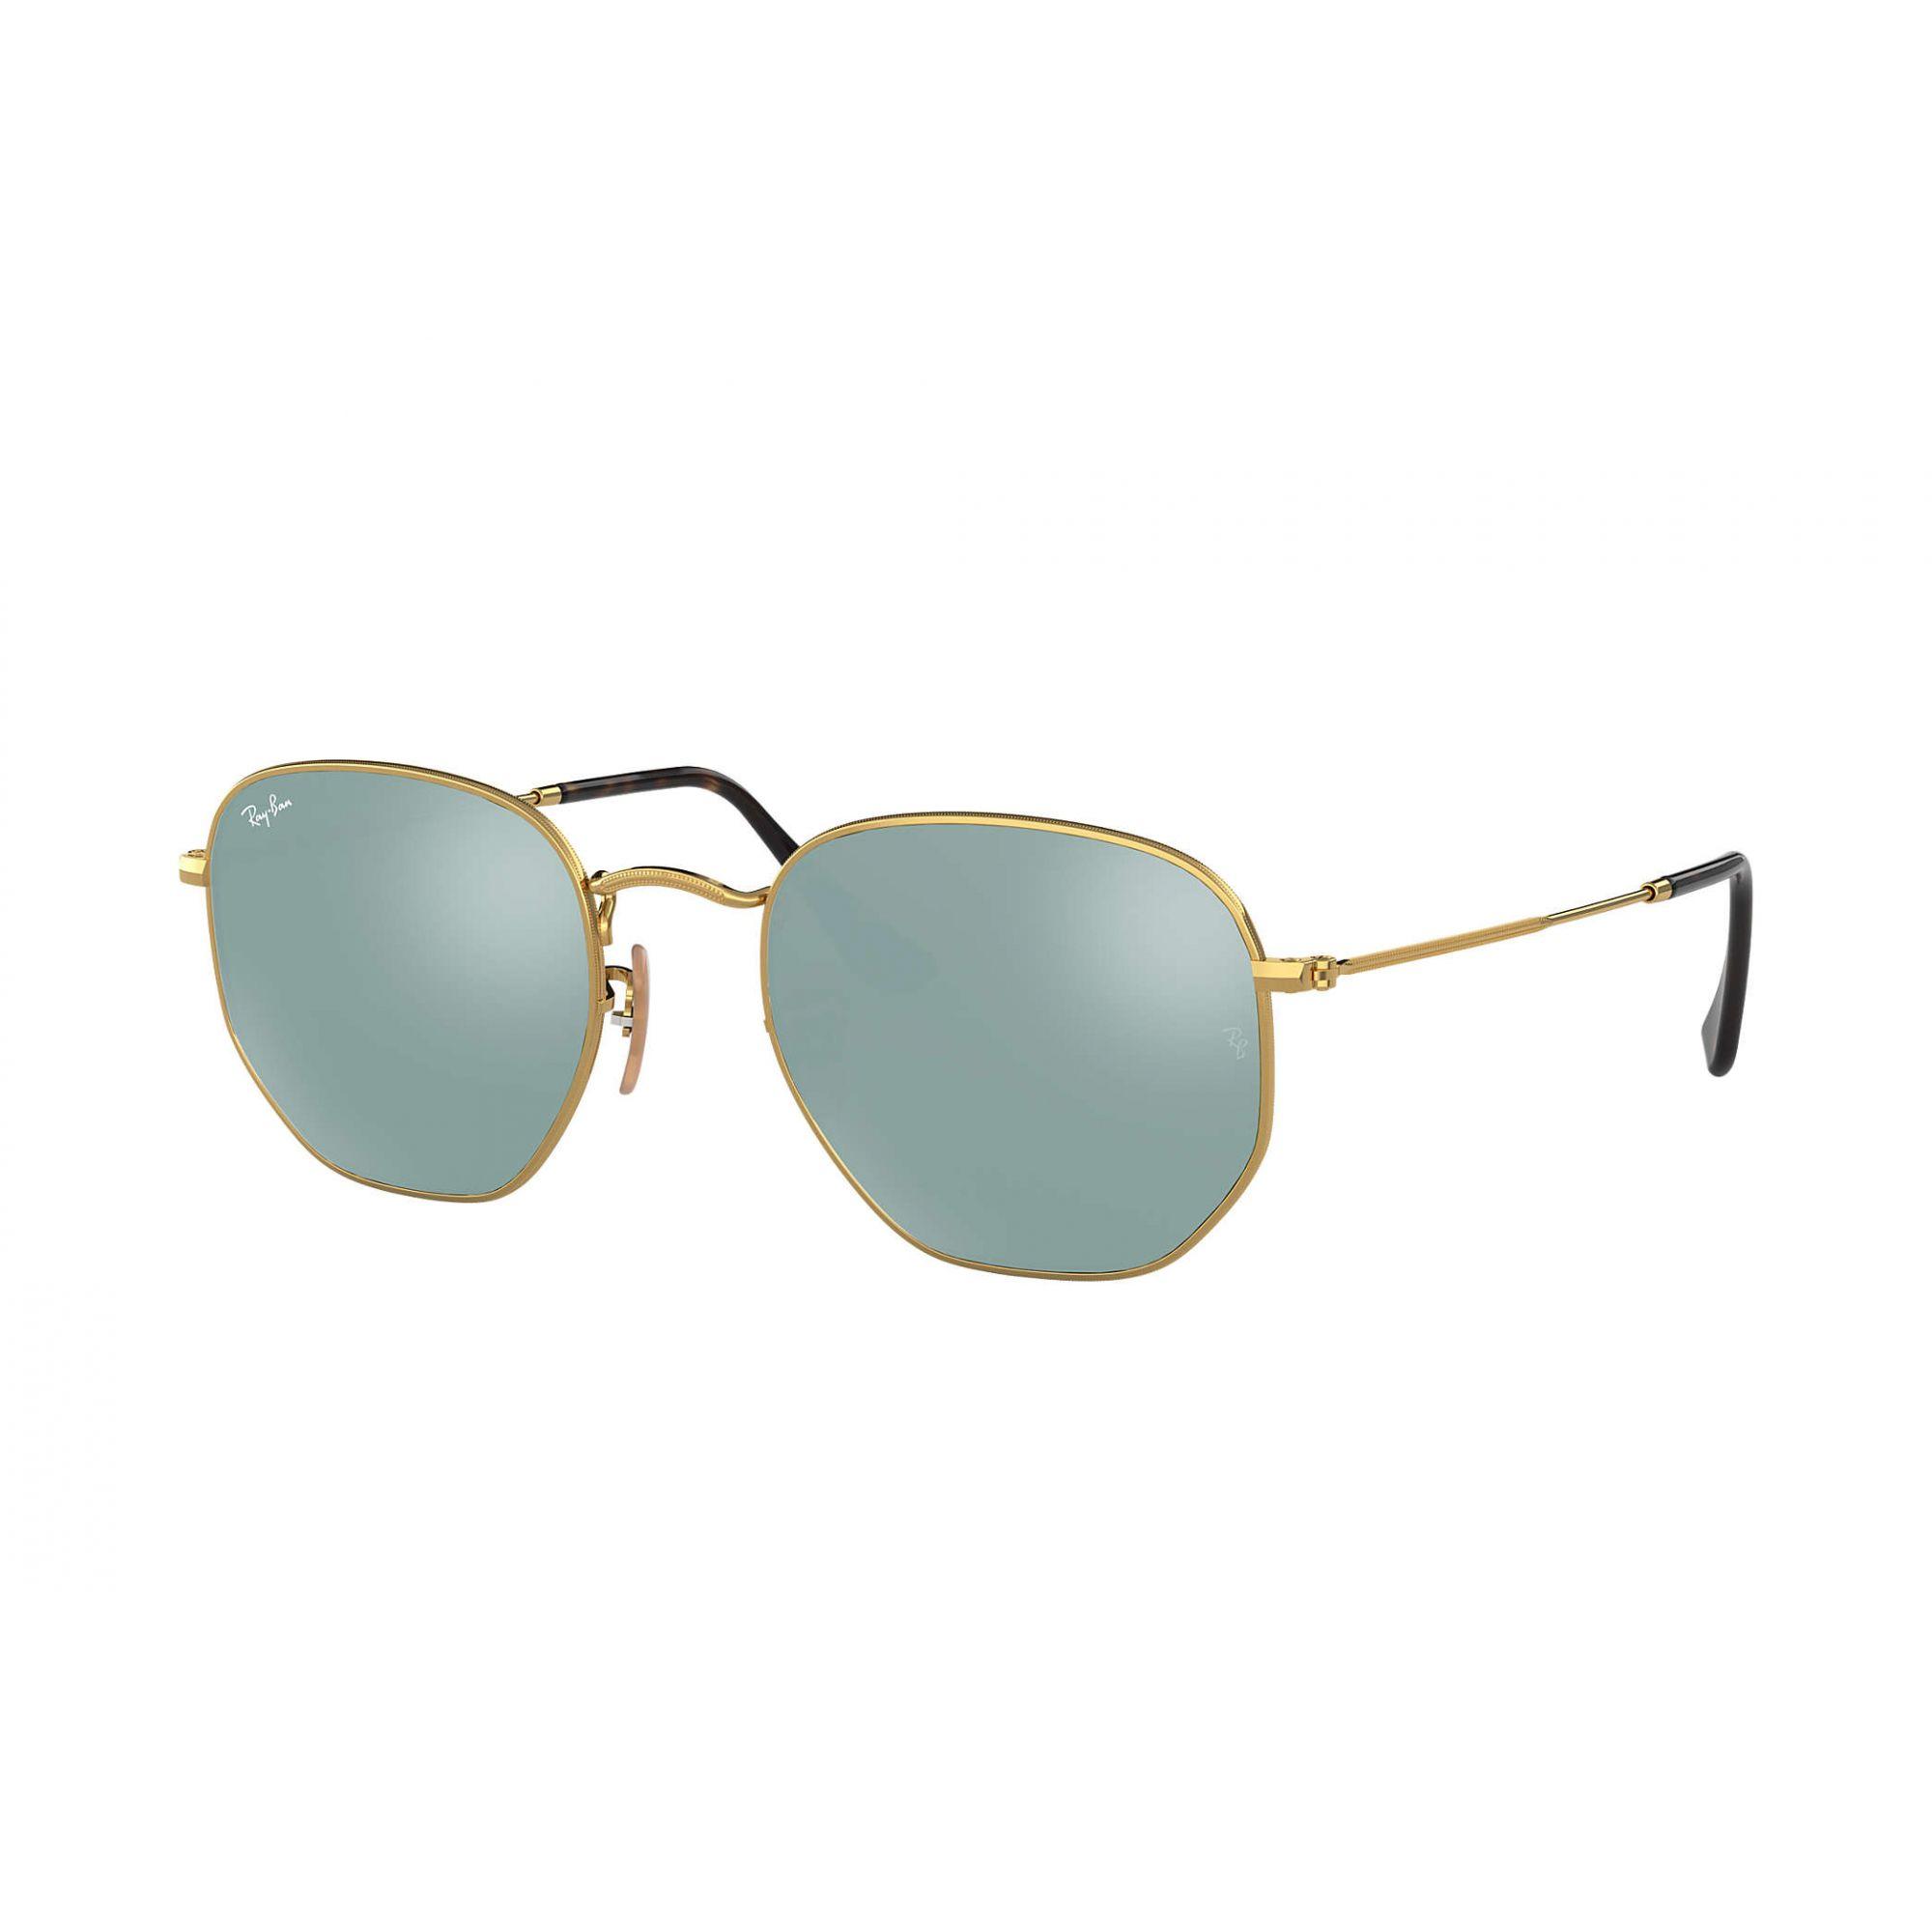 Ray Ban - RB3548N 00130 - Óculos de sol